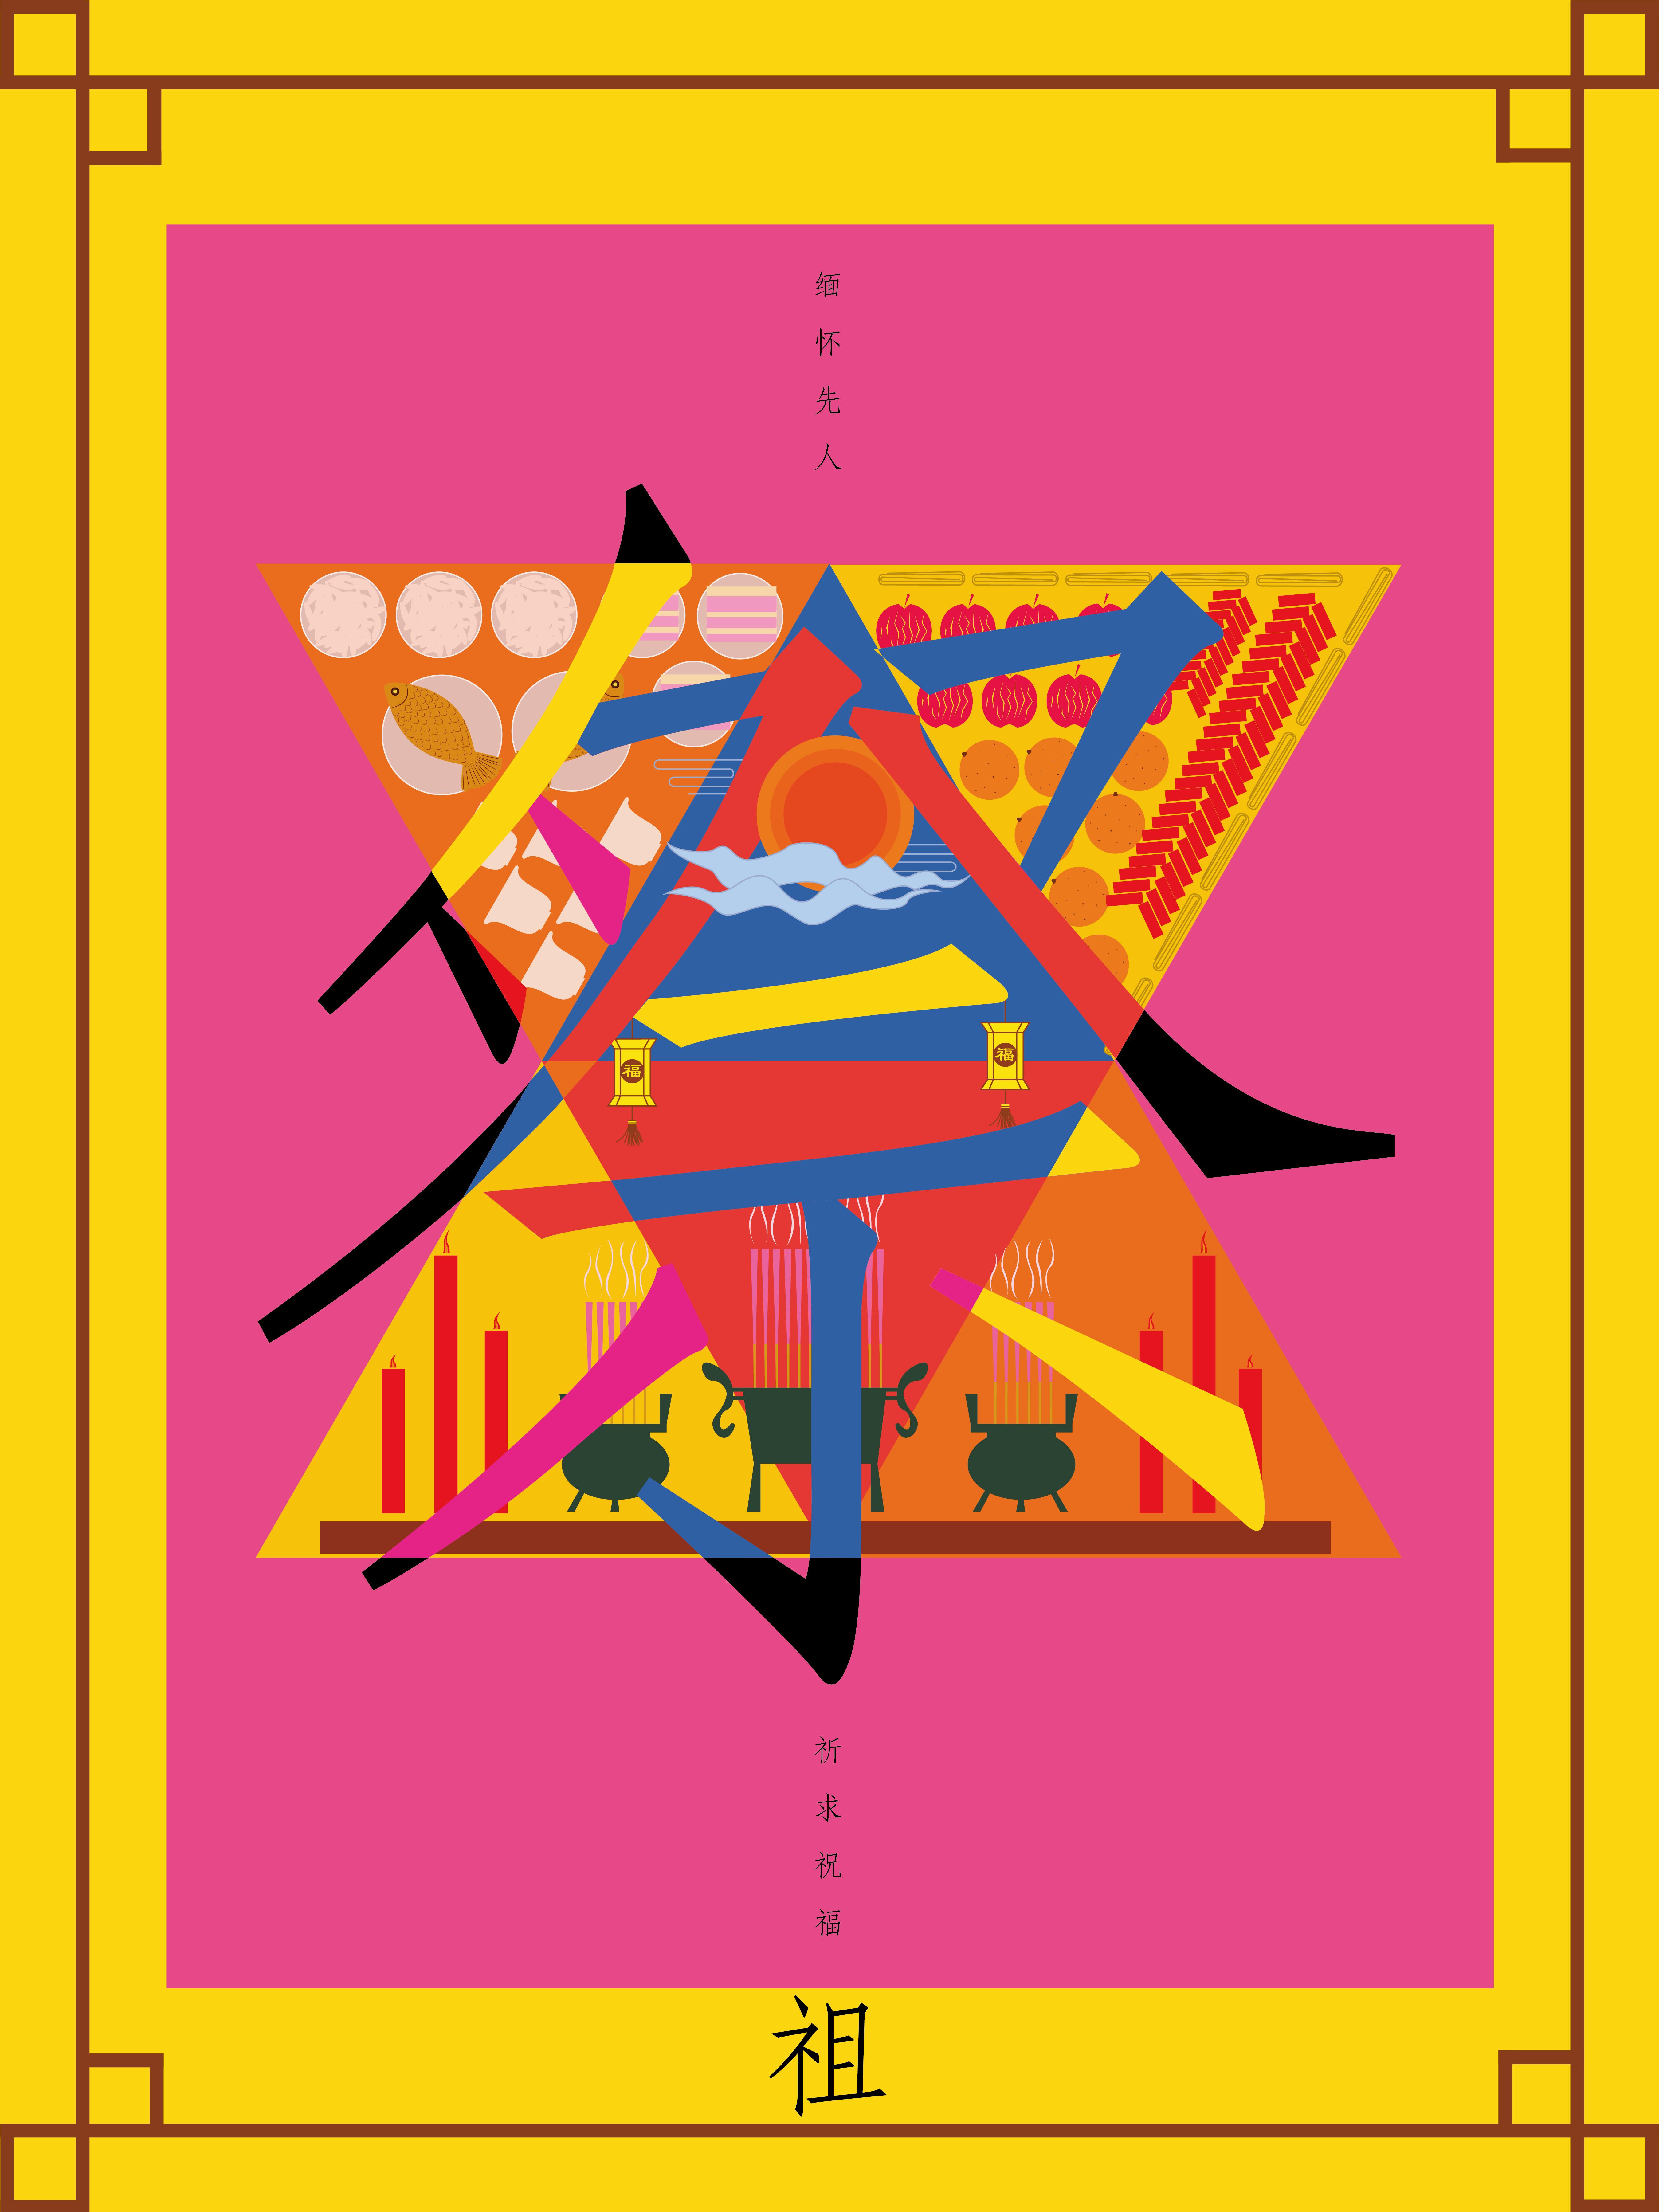 春节习俗招贴设计毕业设计图片